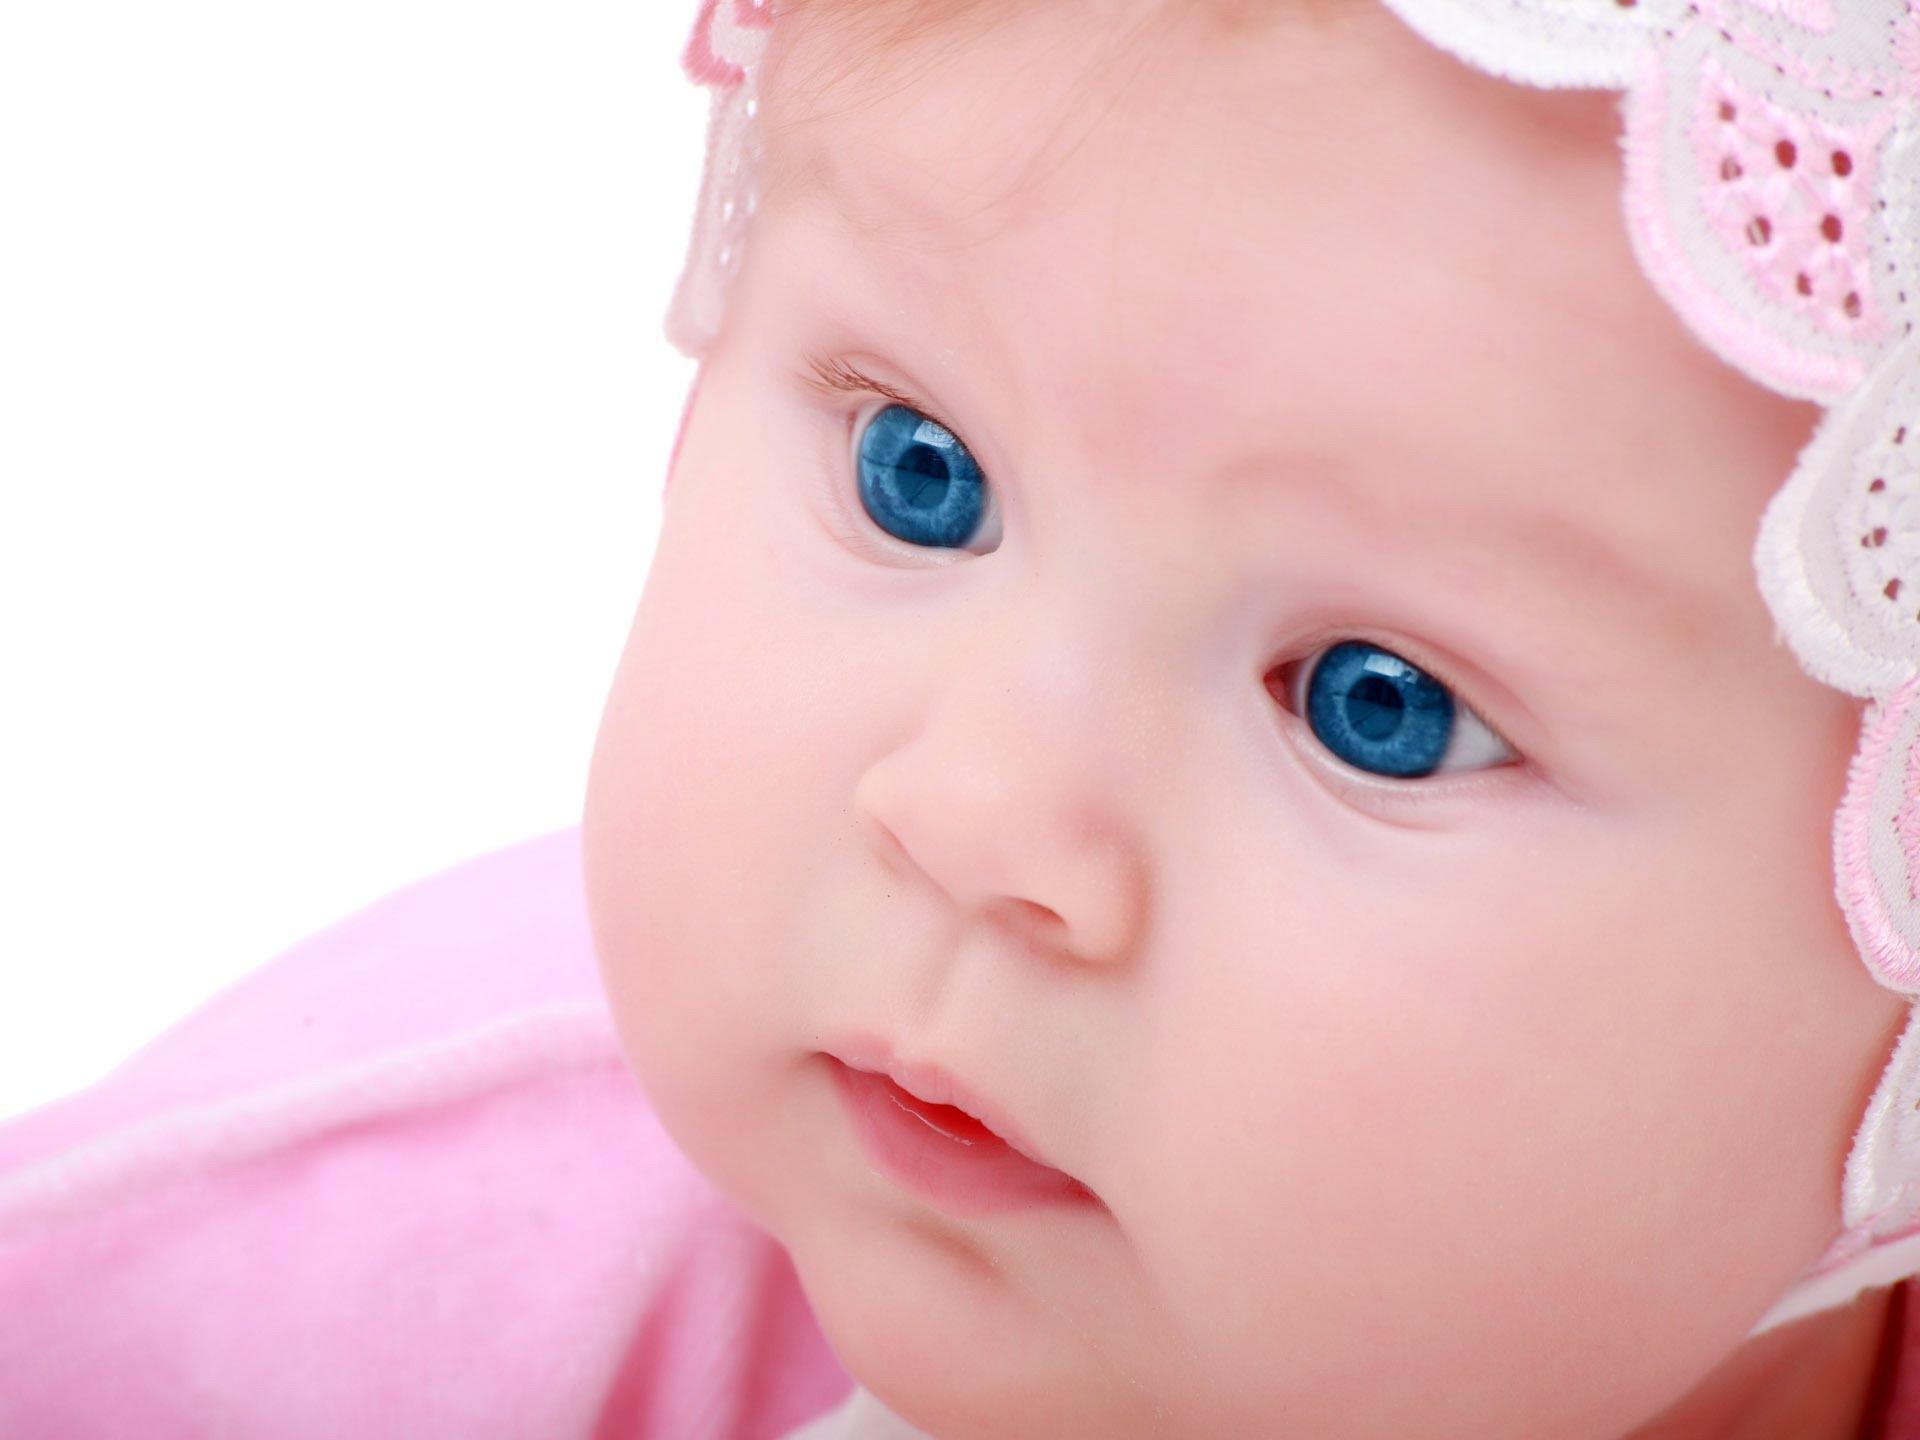 بالصور احلى الصور للاطفال الصغار , صور جميلة للاطفال الصغار 4361 6